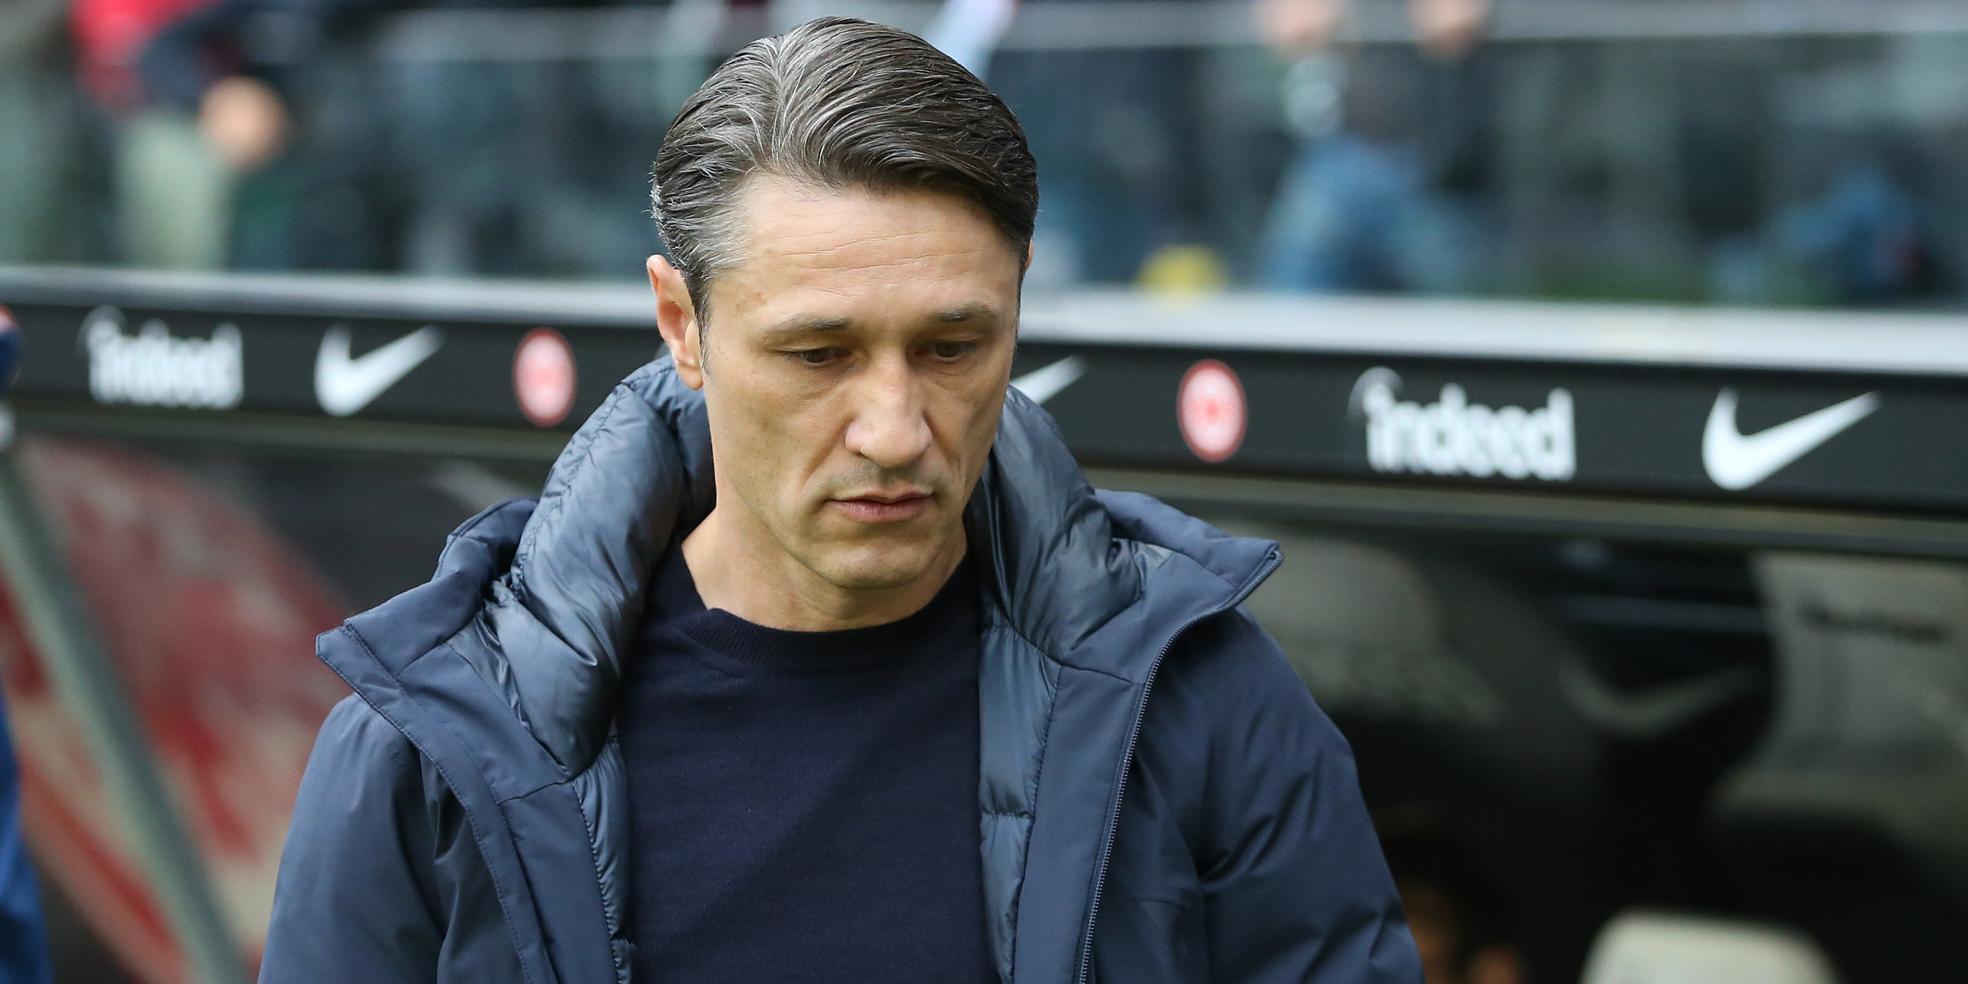 Der FC Bayern hat sich von Niko Kovac getrennt